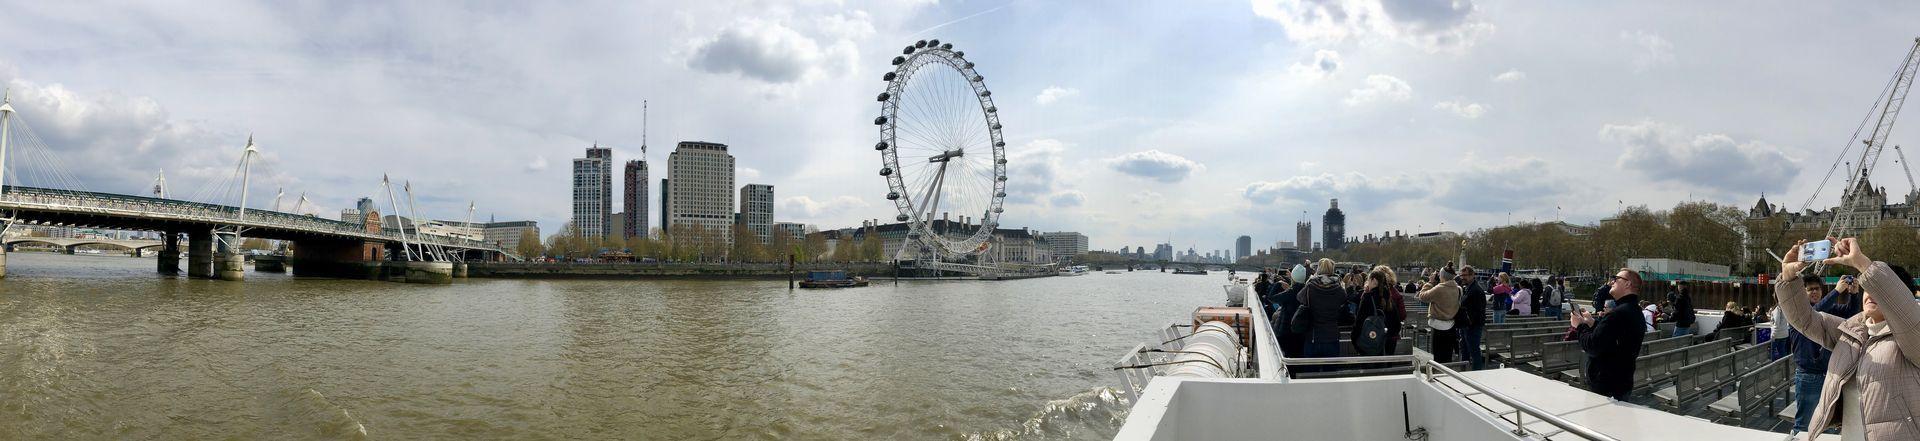 Landmarke am Themseufer. Mit 135 Metern ist das London Eye das höchste Riesenrad Europas.